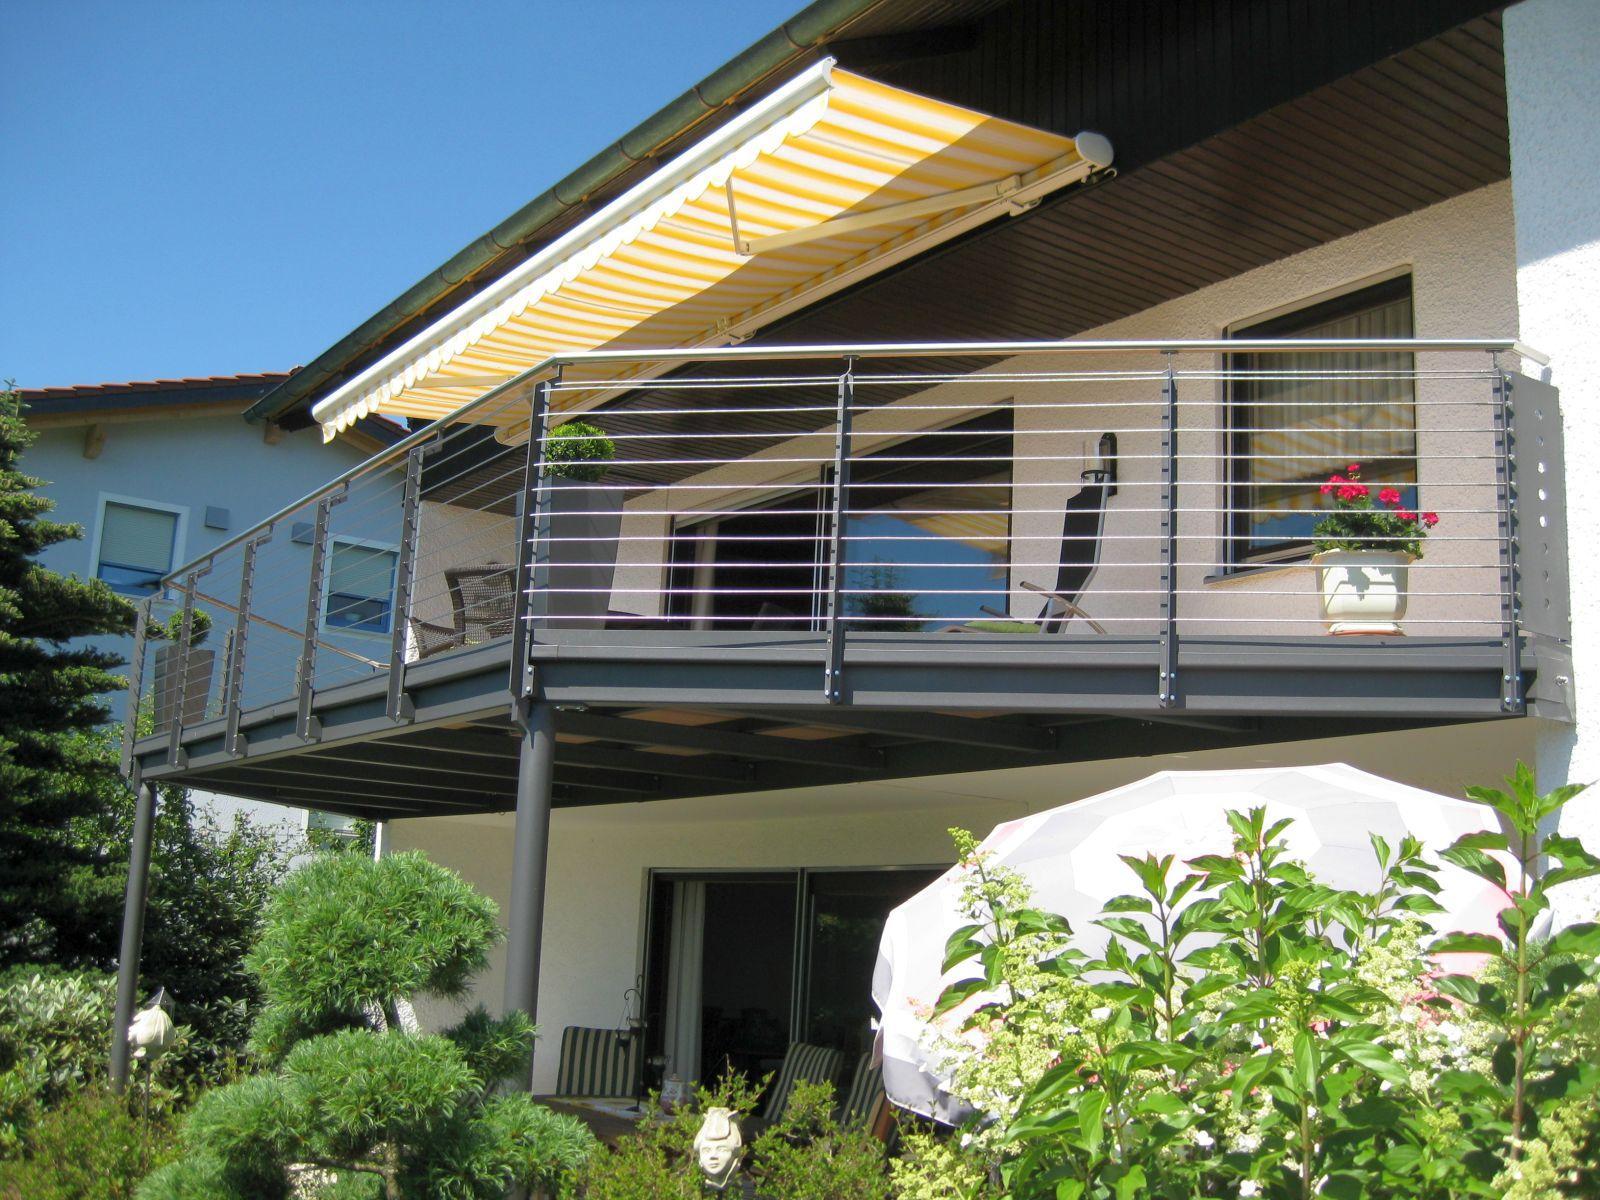 balkone und balkongel nder von kirchberger metallbau. Black Bedroom Furniture Sets. Home Design Ideas